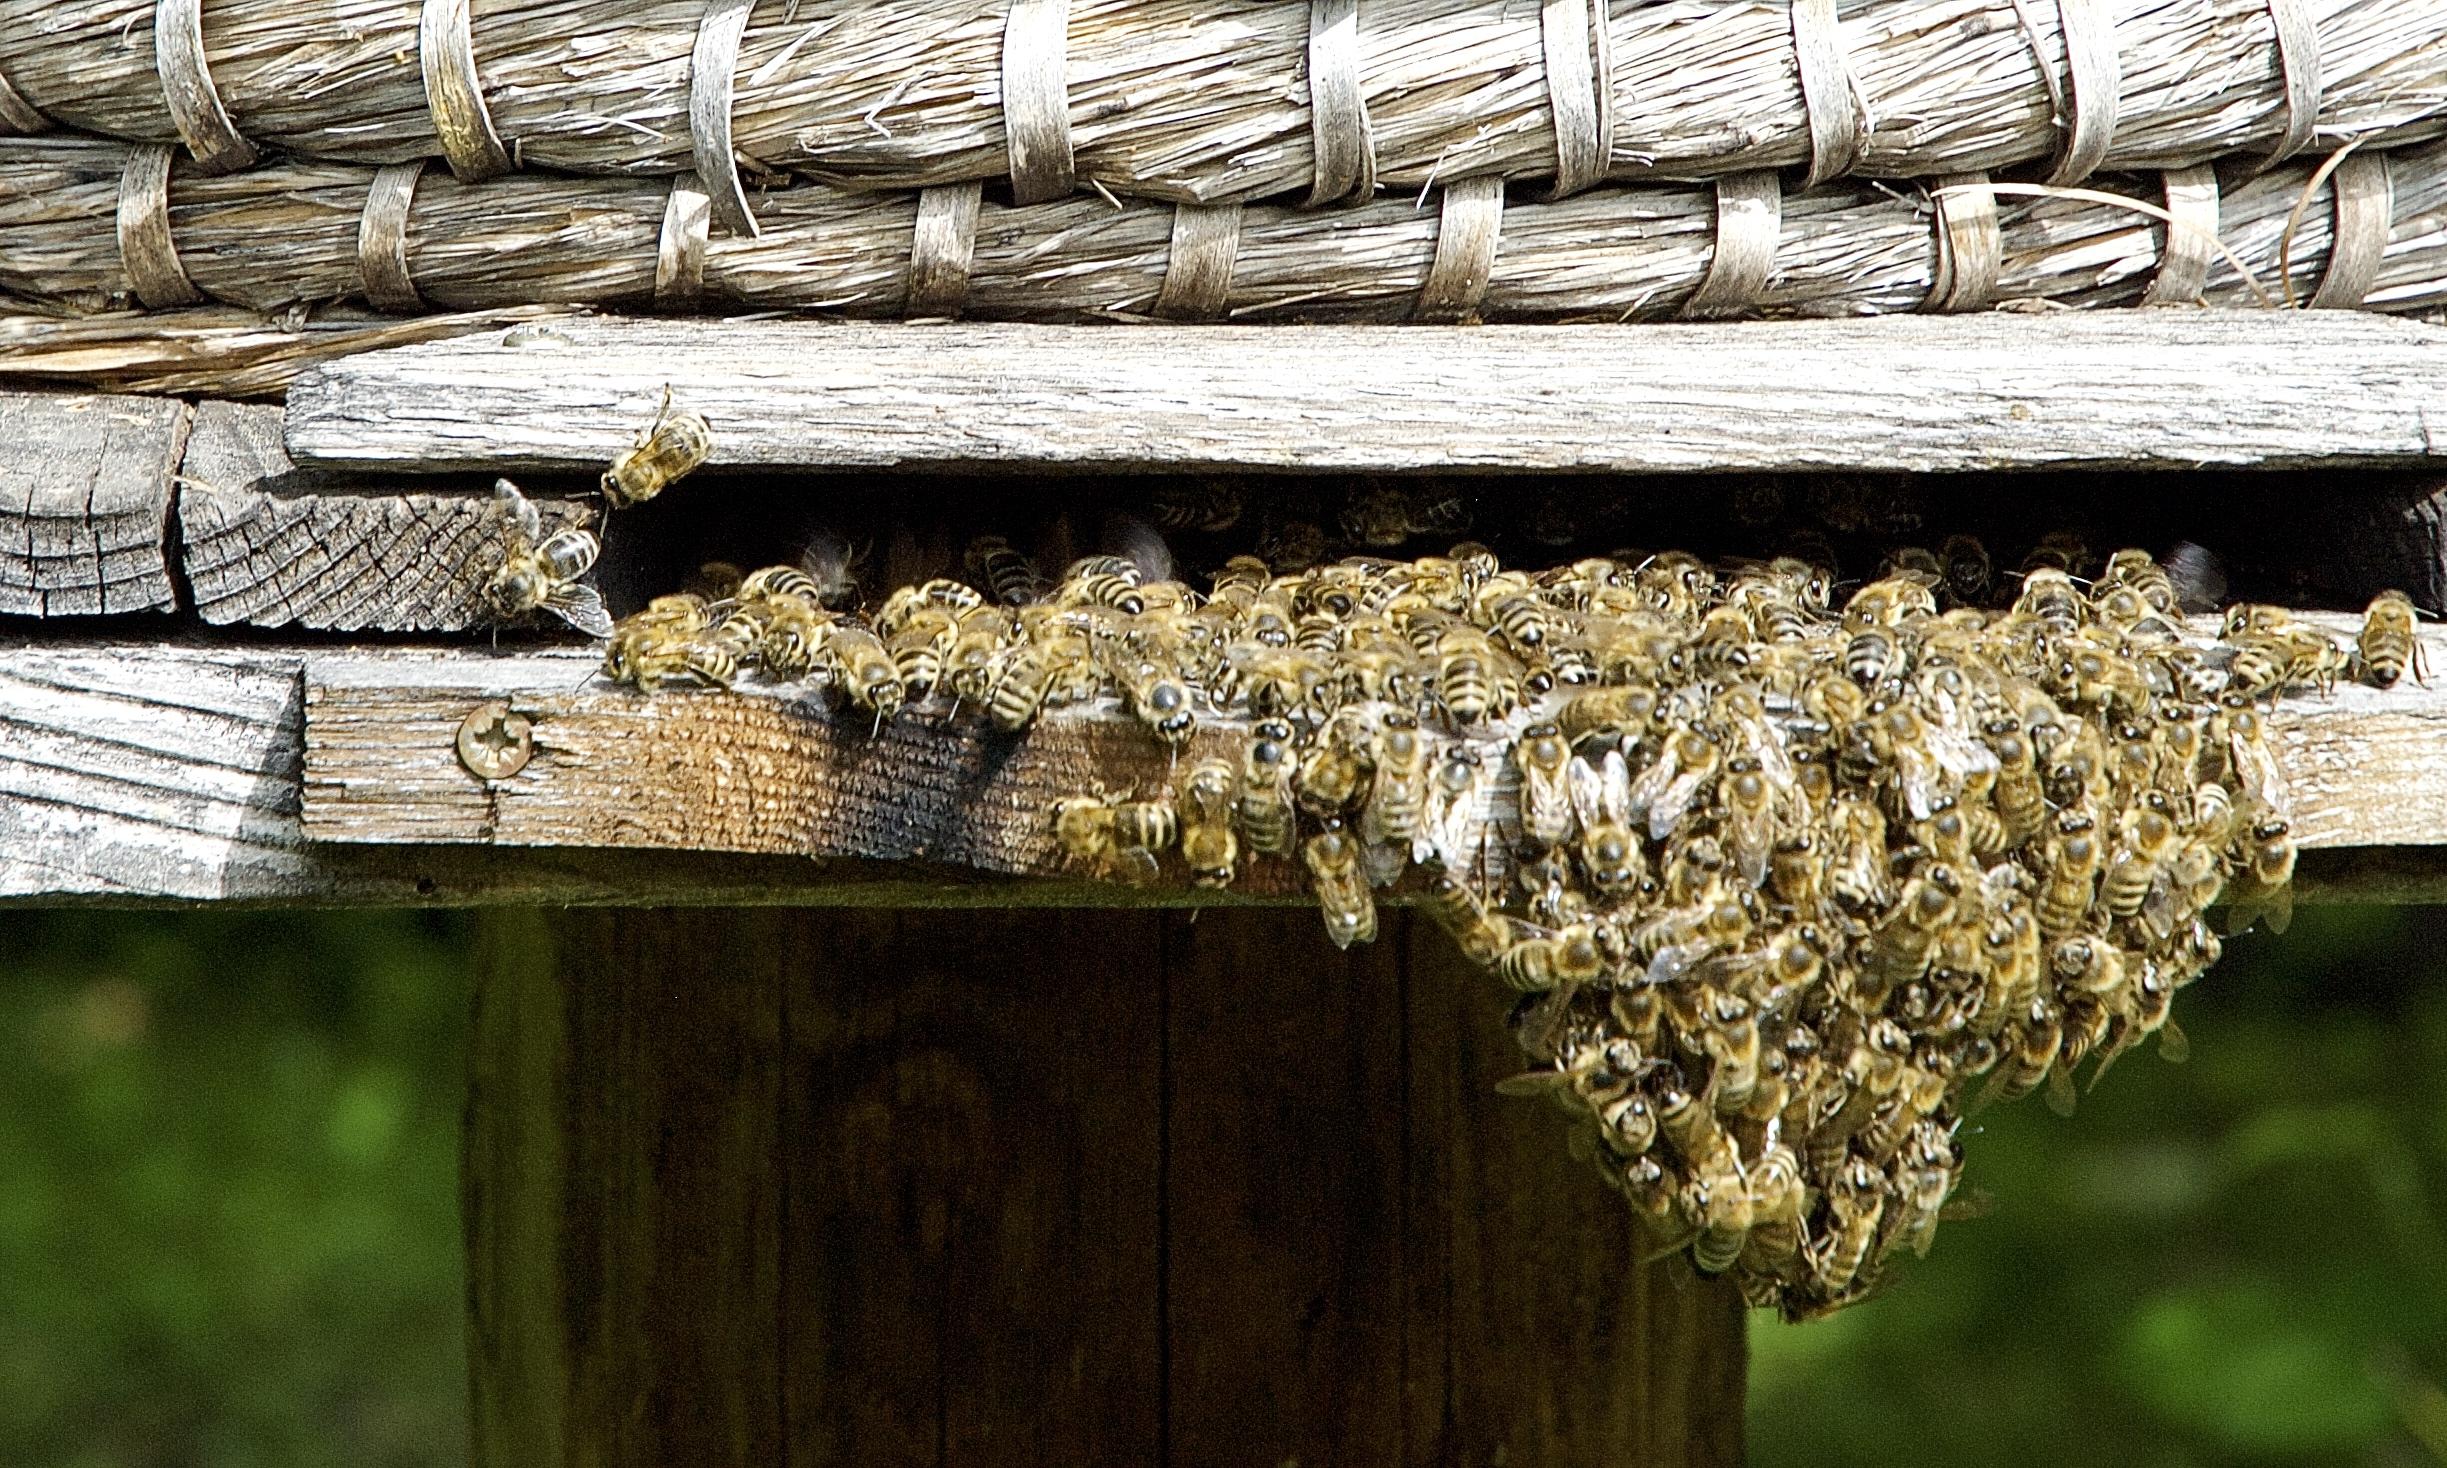 Ein kleiner Bienenstock